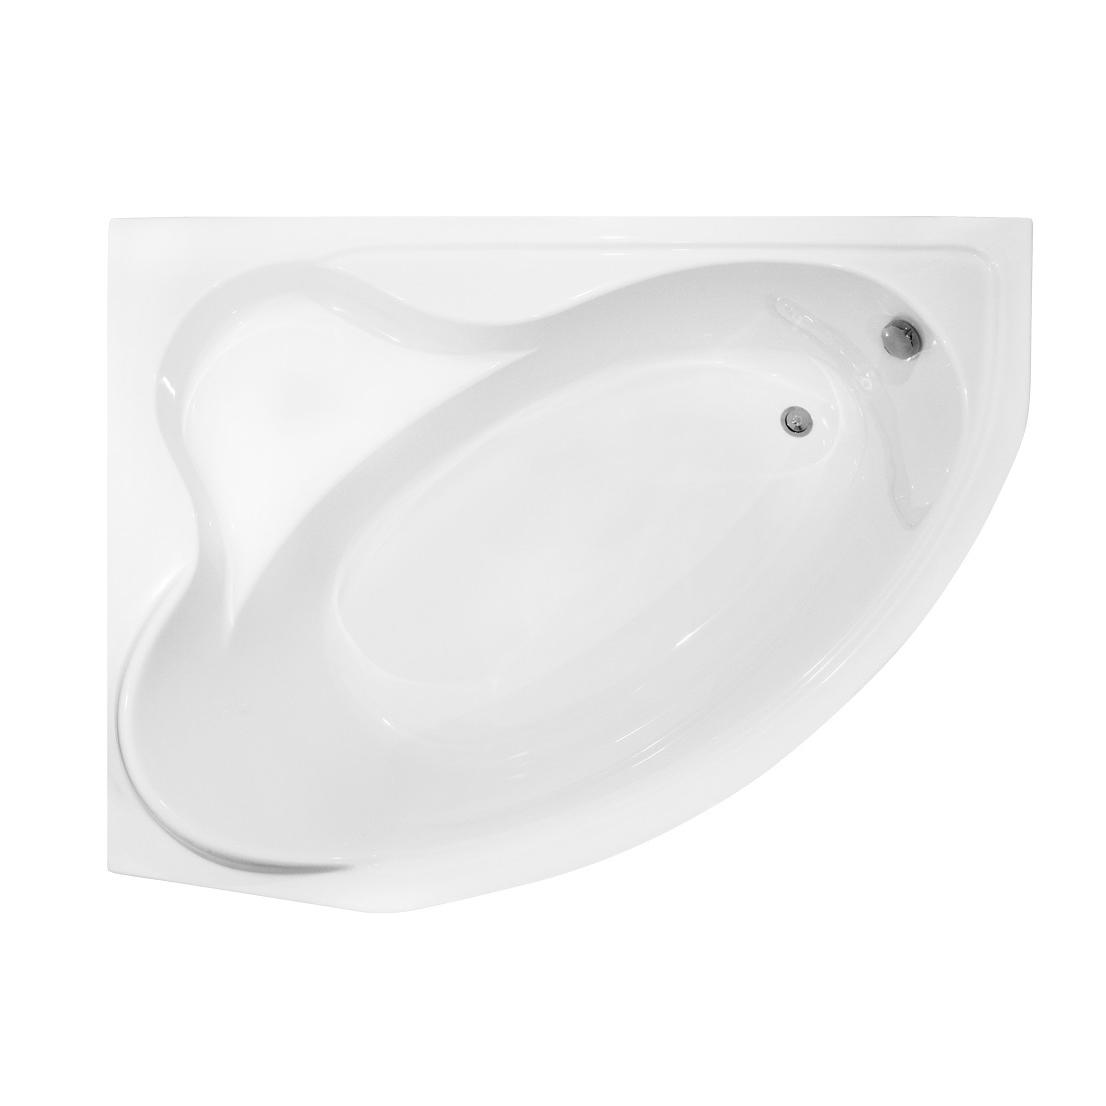 Акриловая ванна Besco Delfina 166x107 L акриловая ванна besco bianka 150x95 l